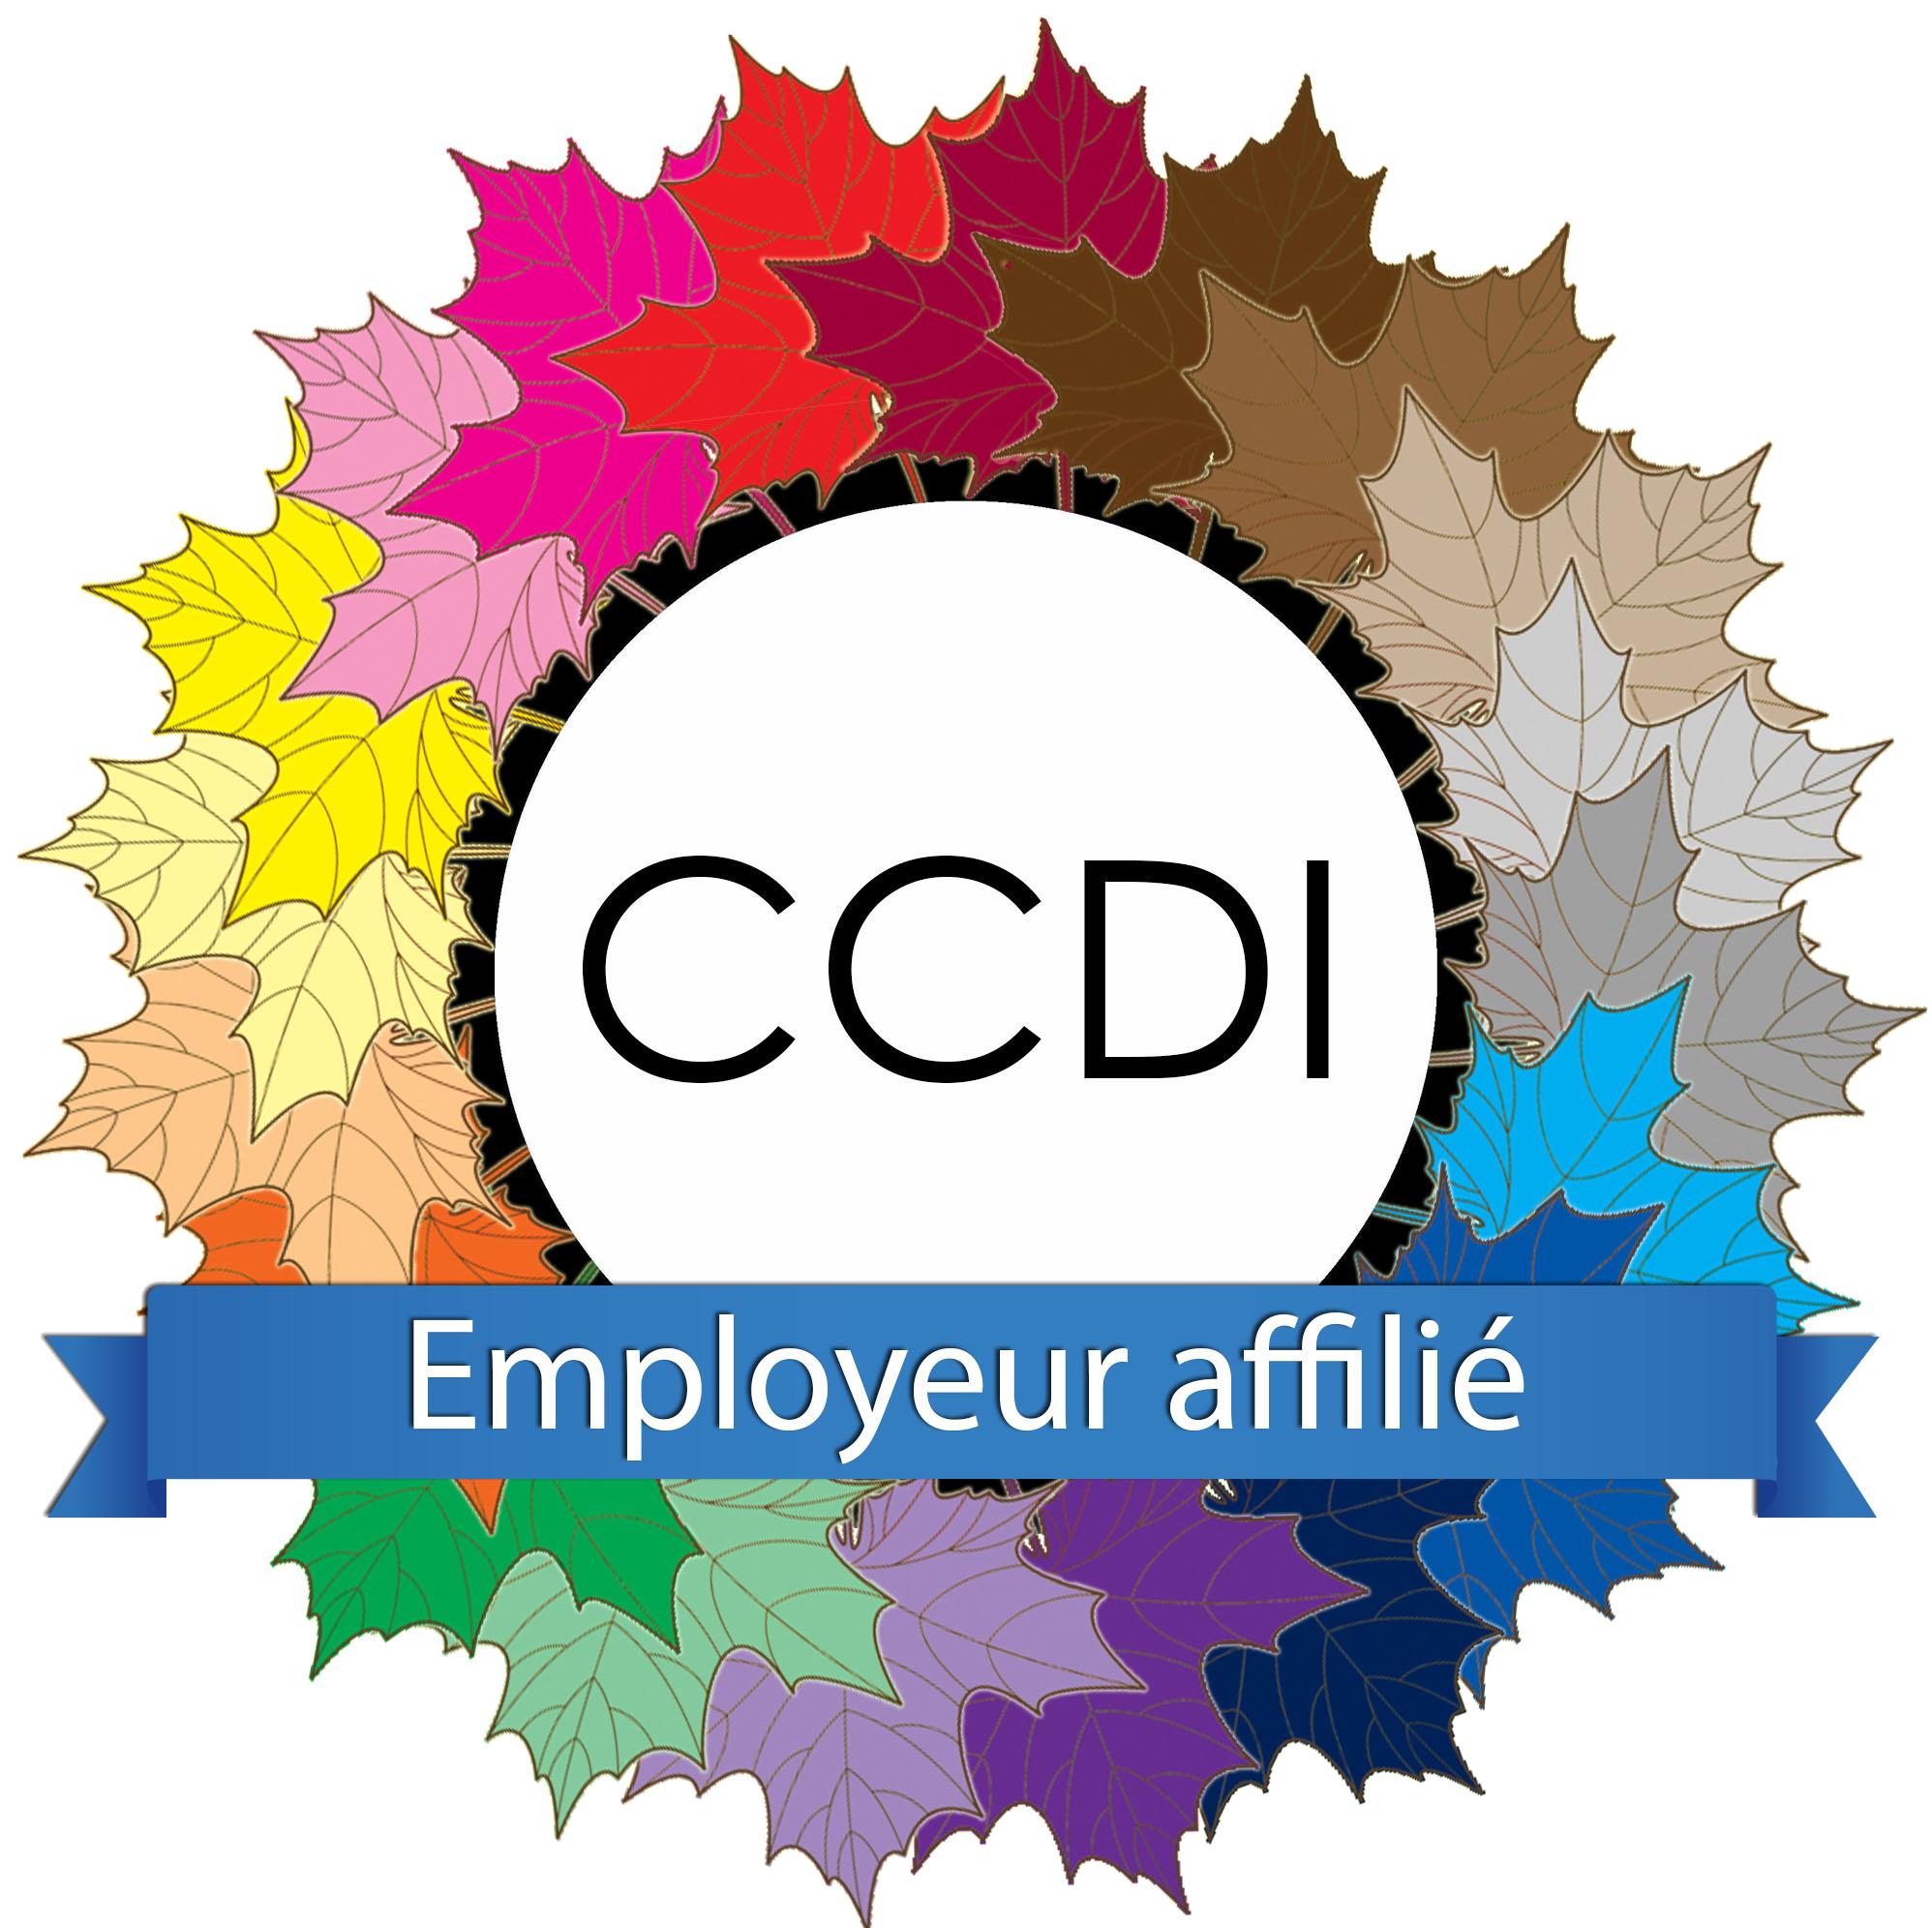 Employeur affilié du Centre canadien pour la diversité et l'inclusion — Le CCDI vise à fournir aux employeurs des solutions pratiques et durables qui les mèneront vers une véritable inclusion.